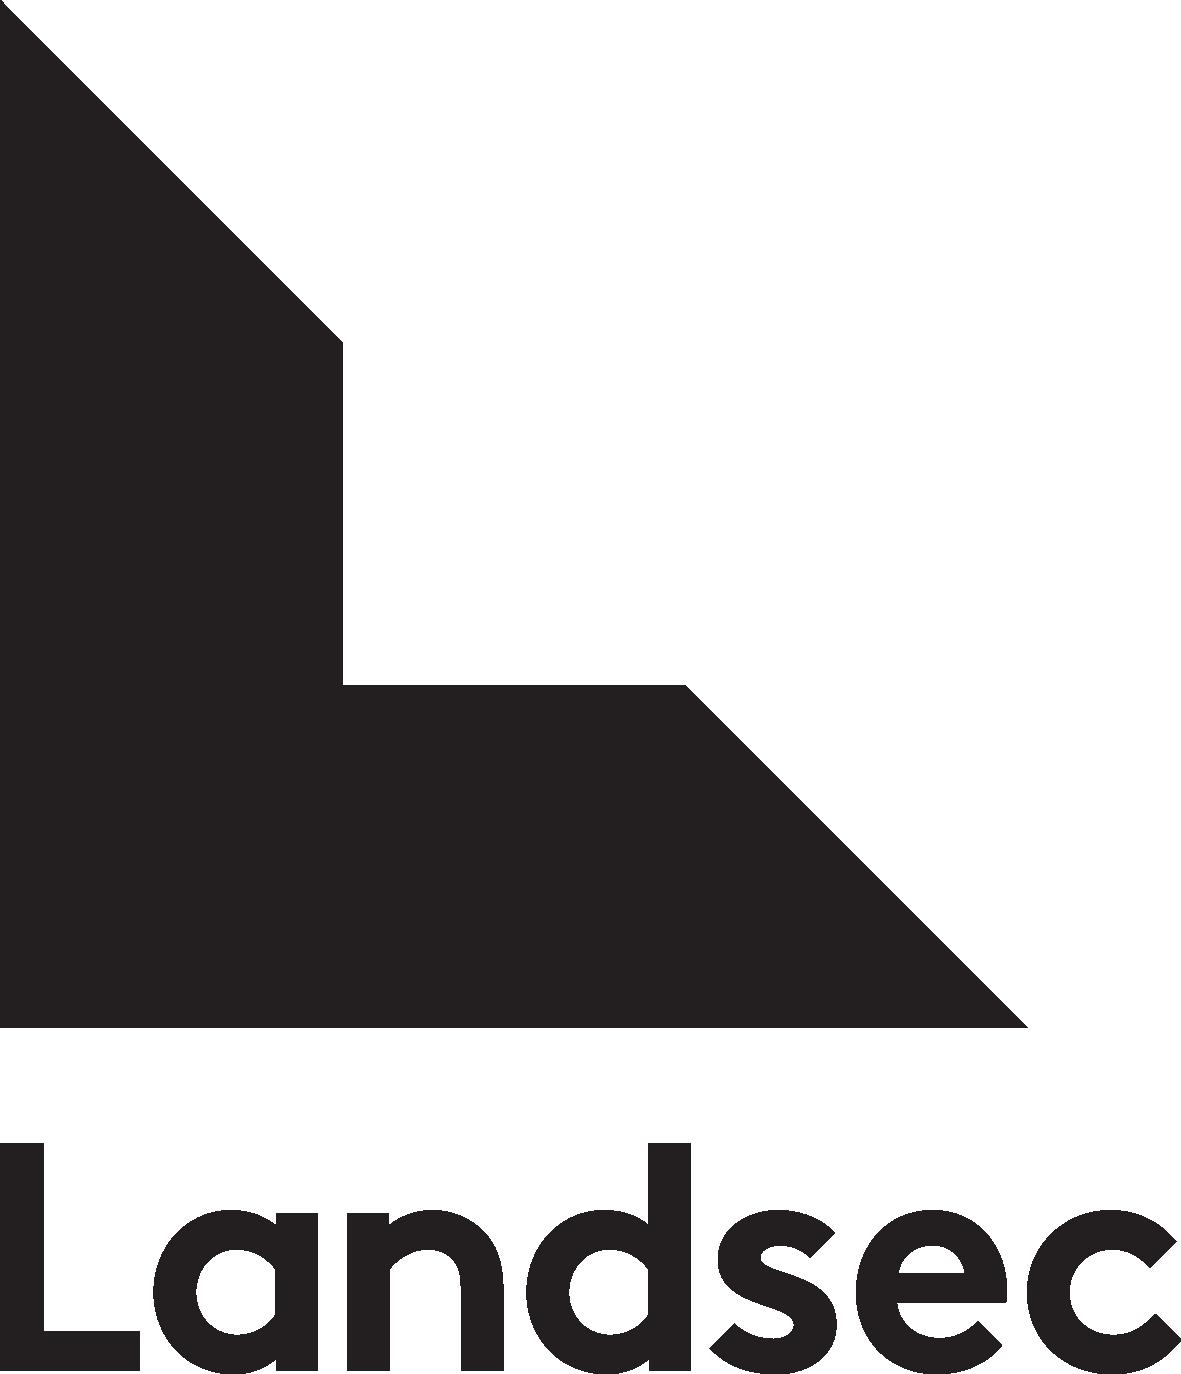 Landsec-Logo-Black.png